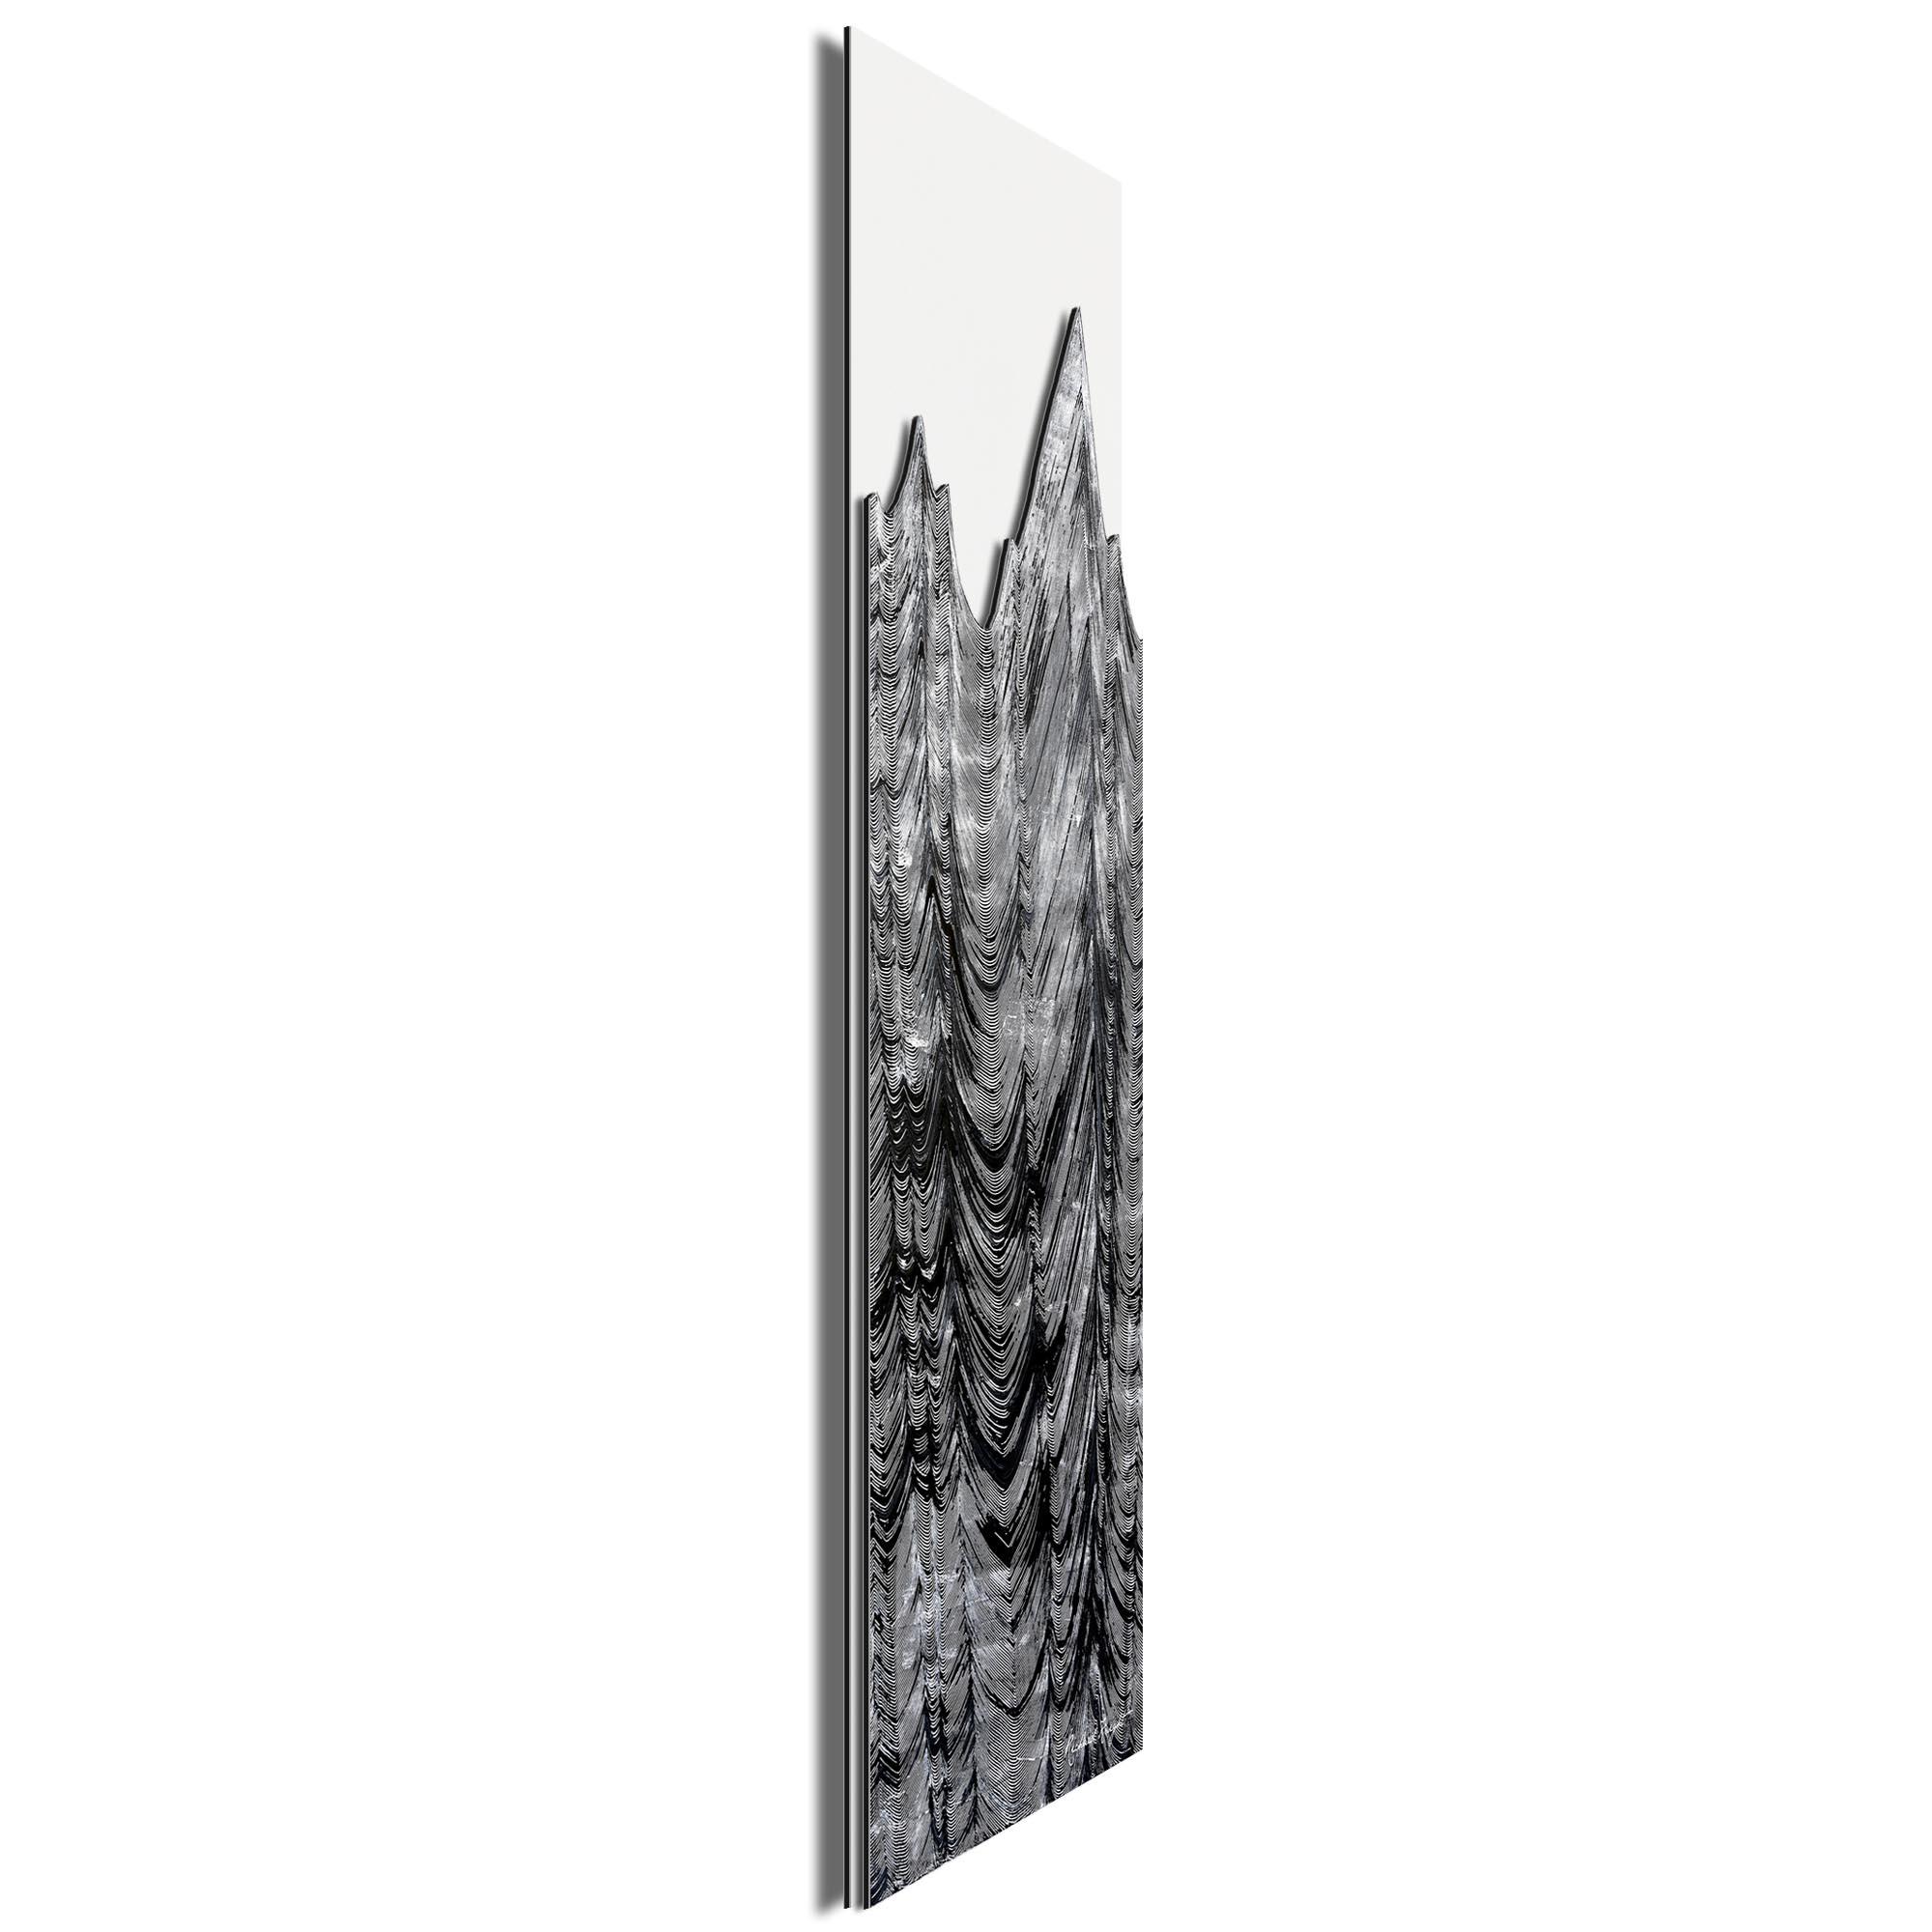 Slate Peaks by Richard Knight - Ltd. Ed. Minimalist Abstract Landscape Art - Image 2